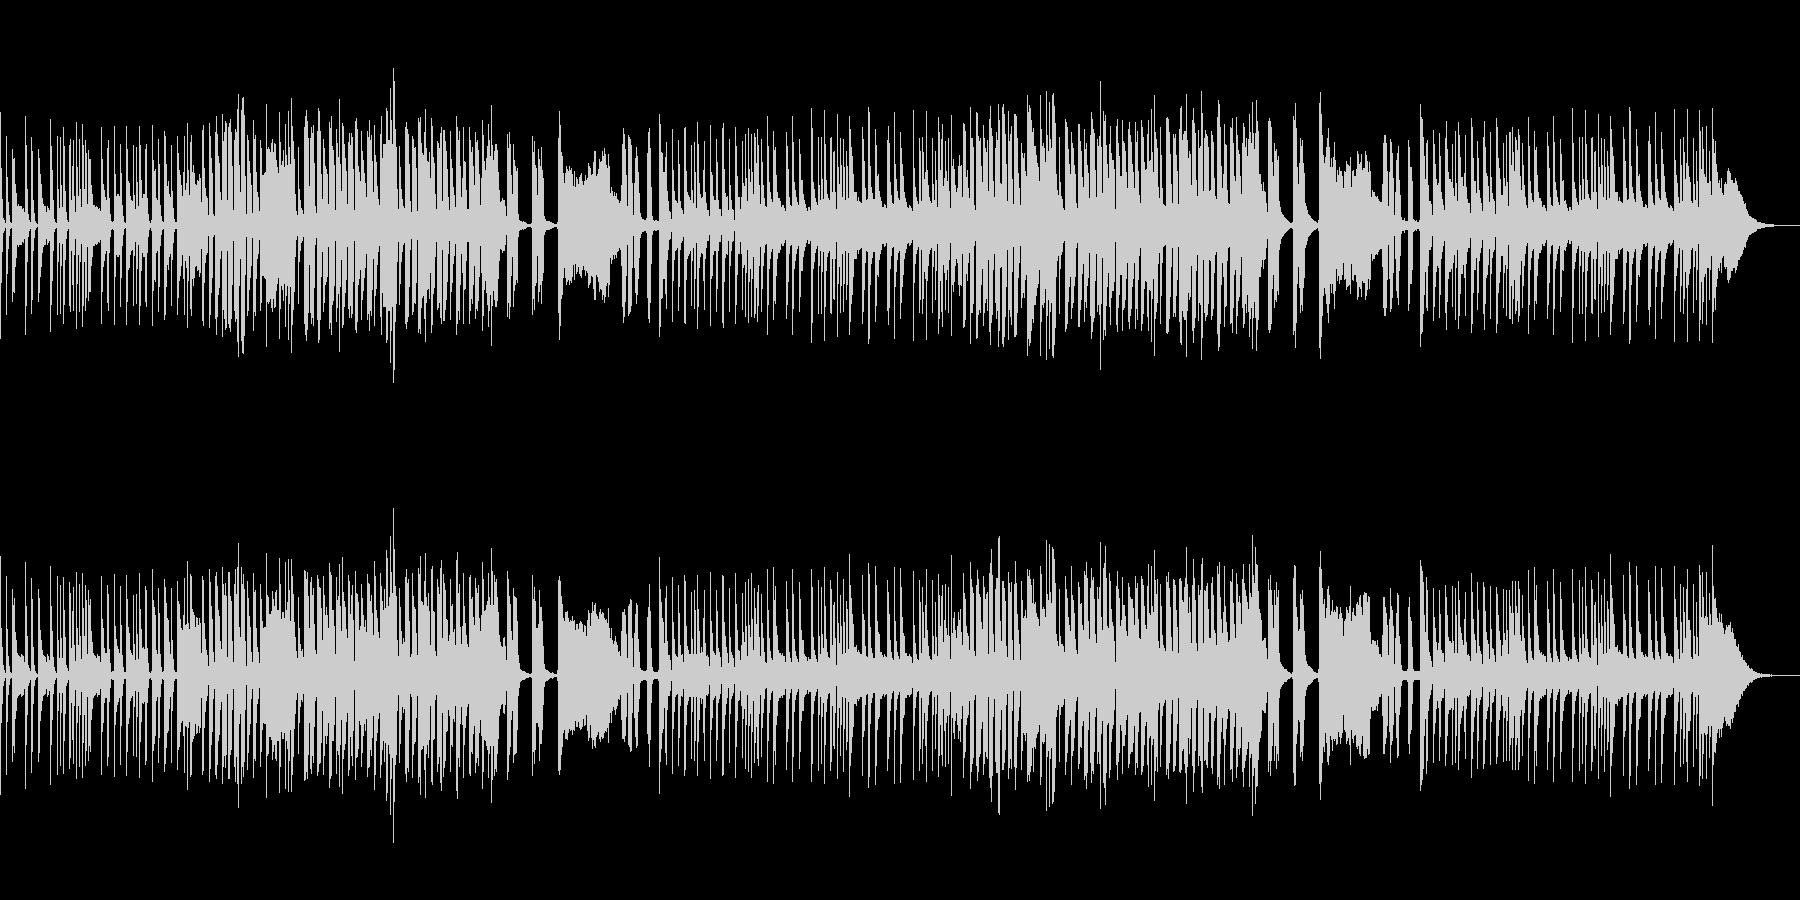 わくわくするマーチングバンド風ジングル2の未再生の波形